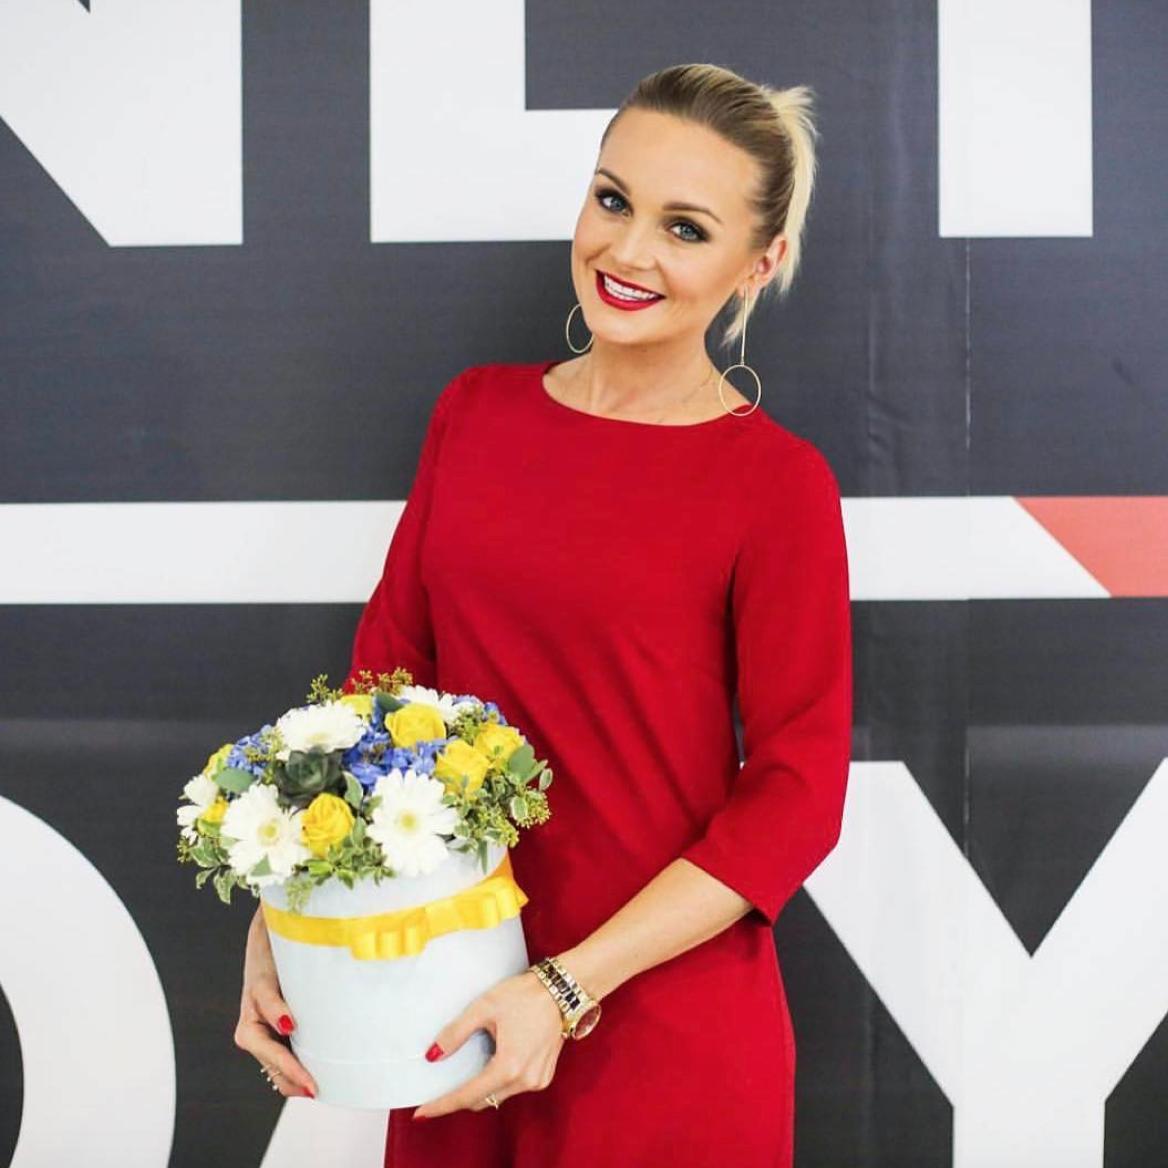 Артист Александр Носик изменил супруге с эстрадной певицей Анастасией Крайновой